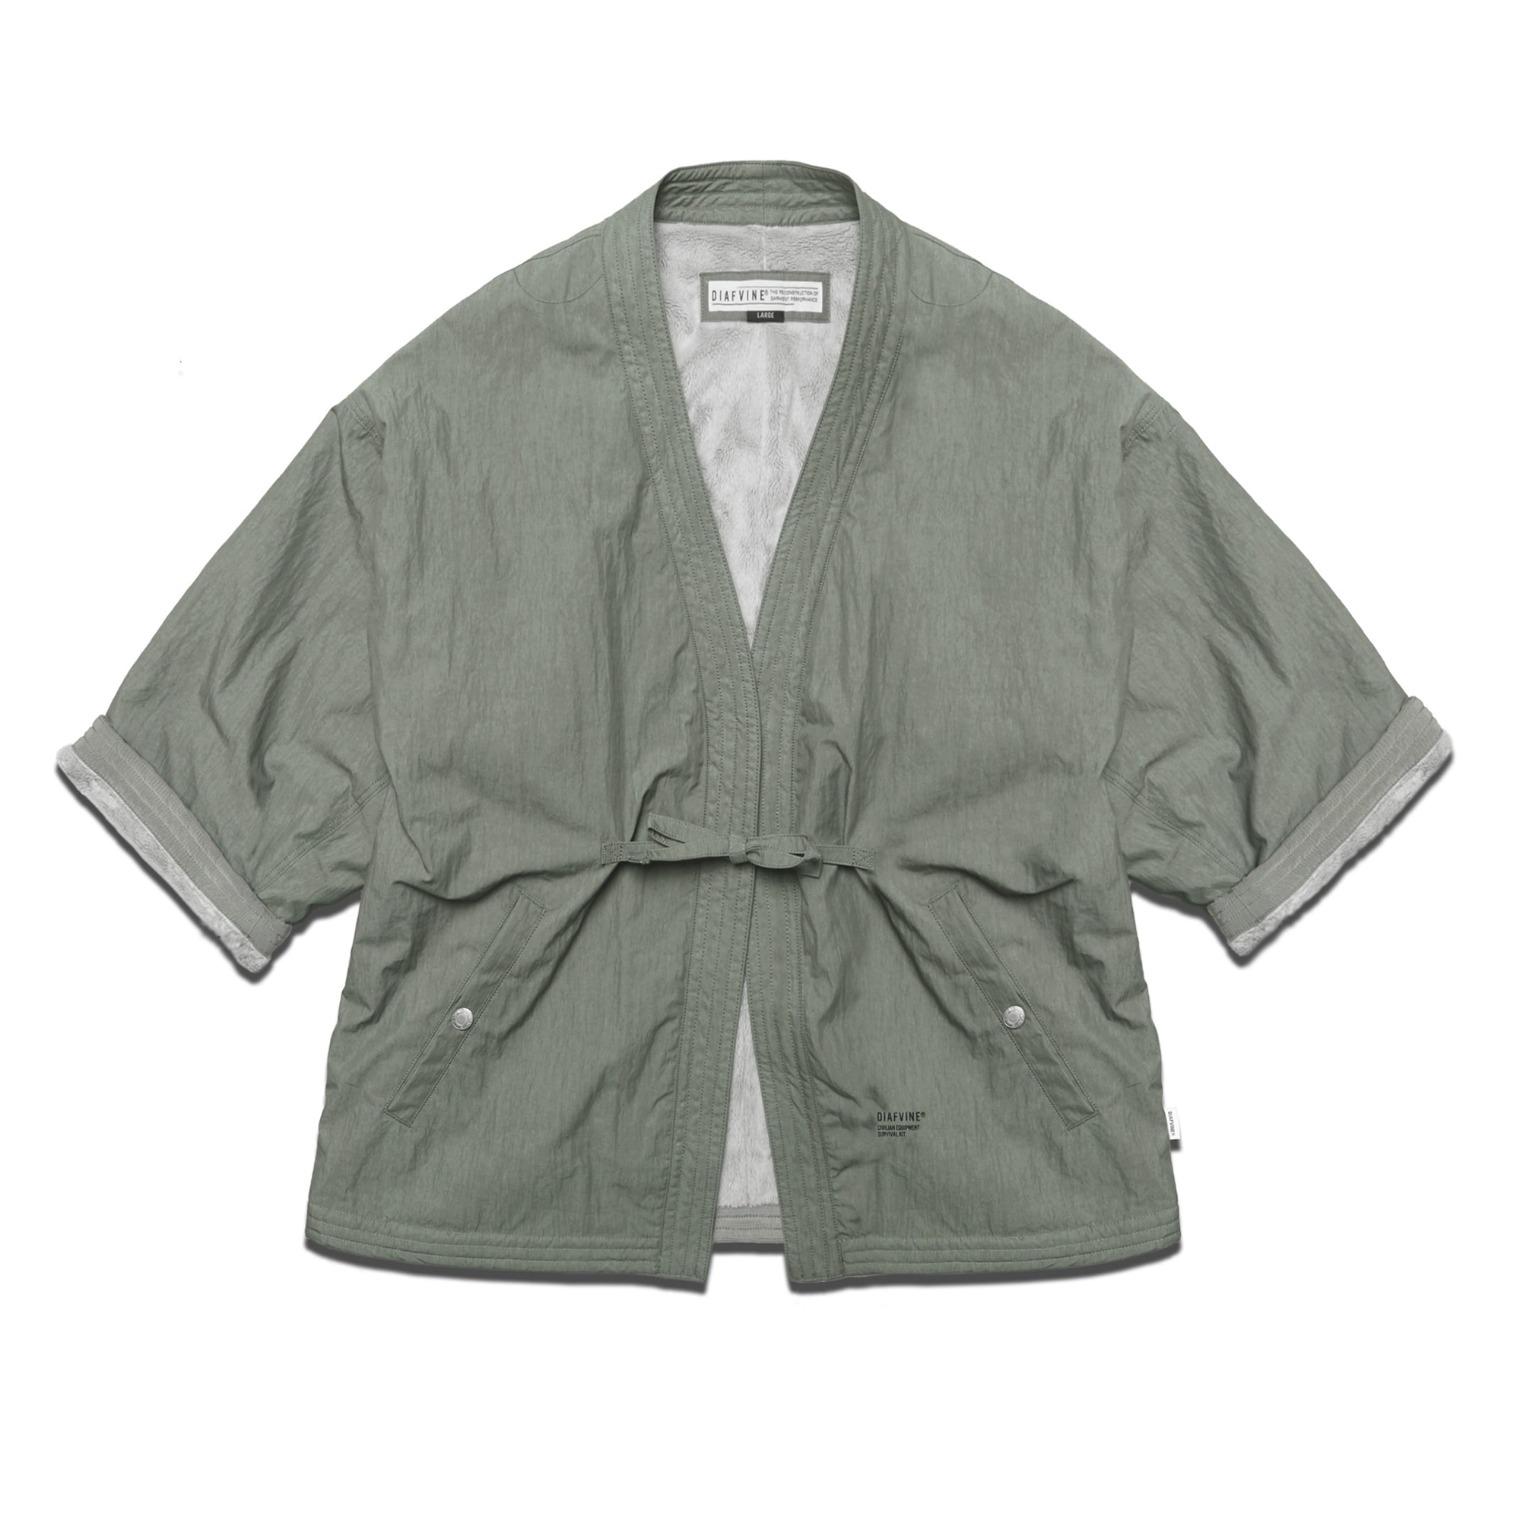 DV.LOT 647 C/N Regular Robe -Ash Khaki-